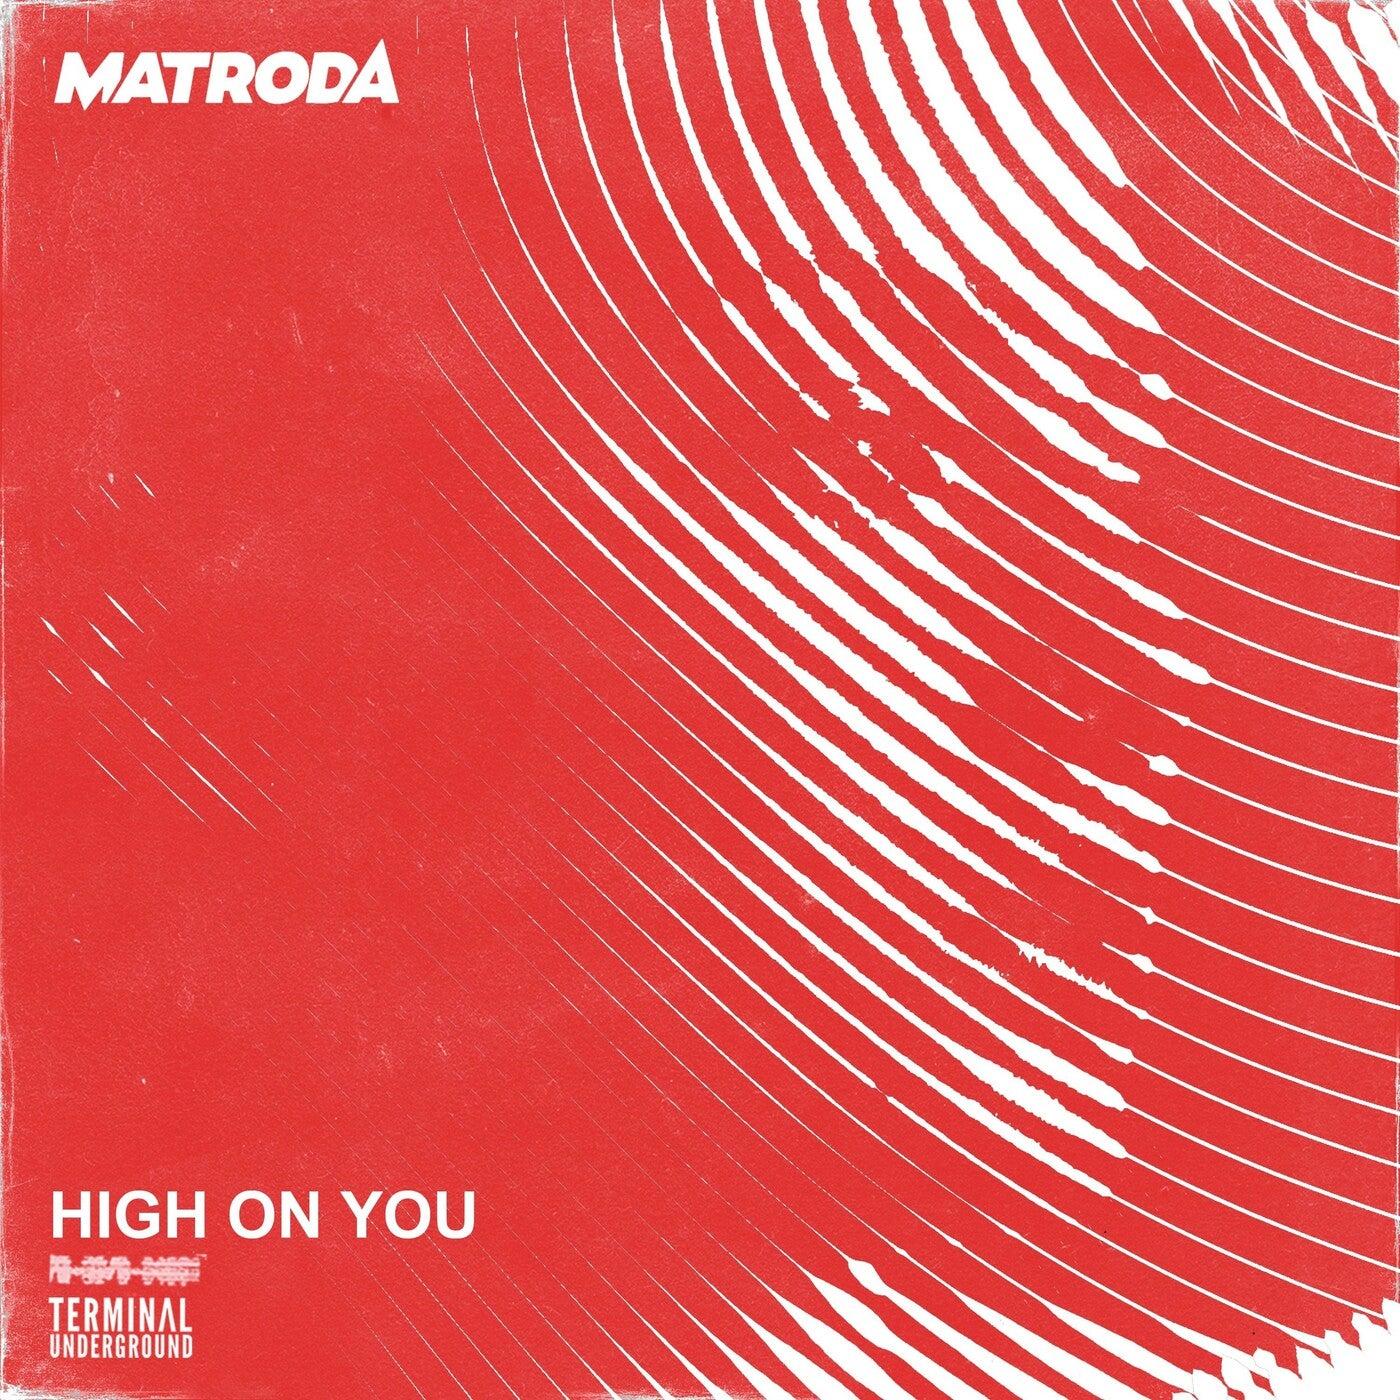 High on You (Original Mix)